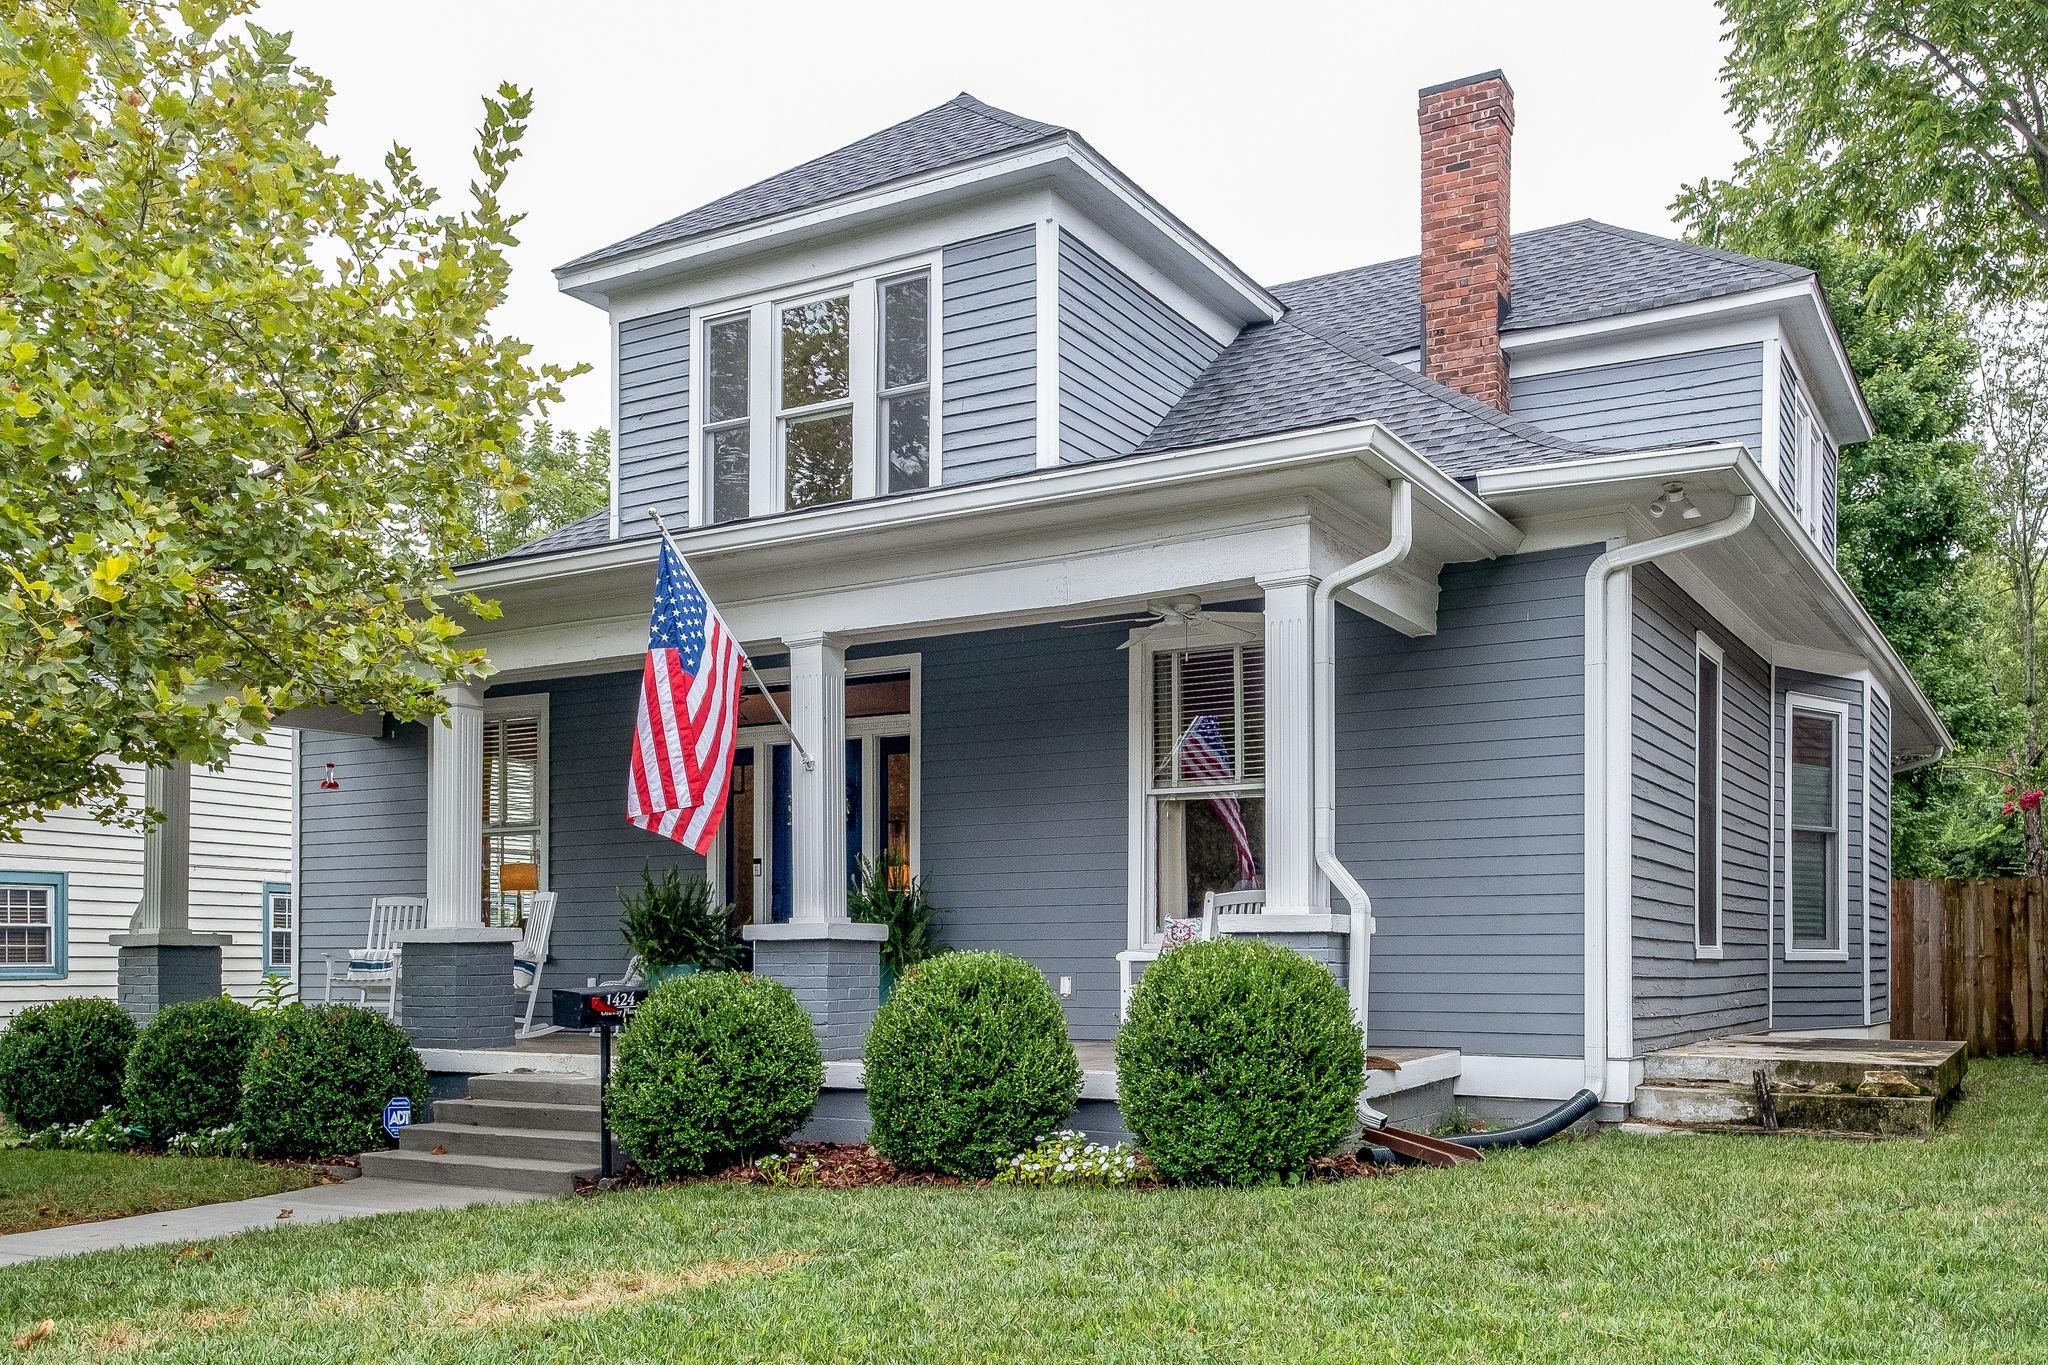 1424 Ordway Pl, Nashville, TN 37206 - Nashville, TN real estate listing